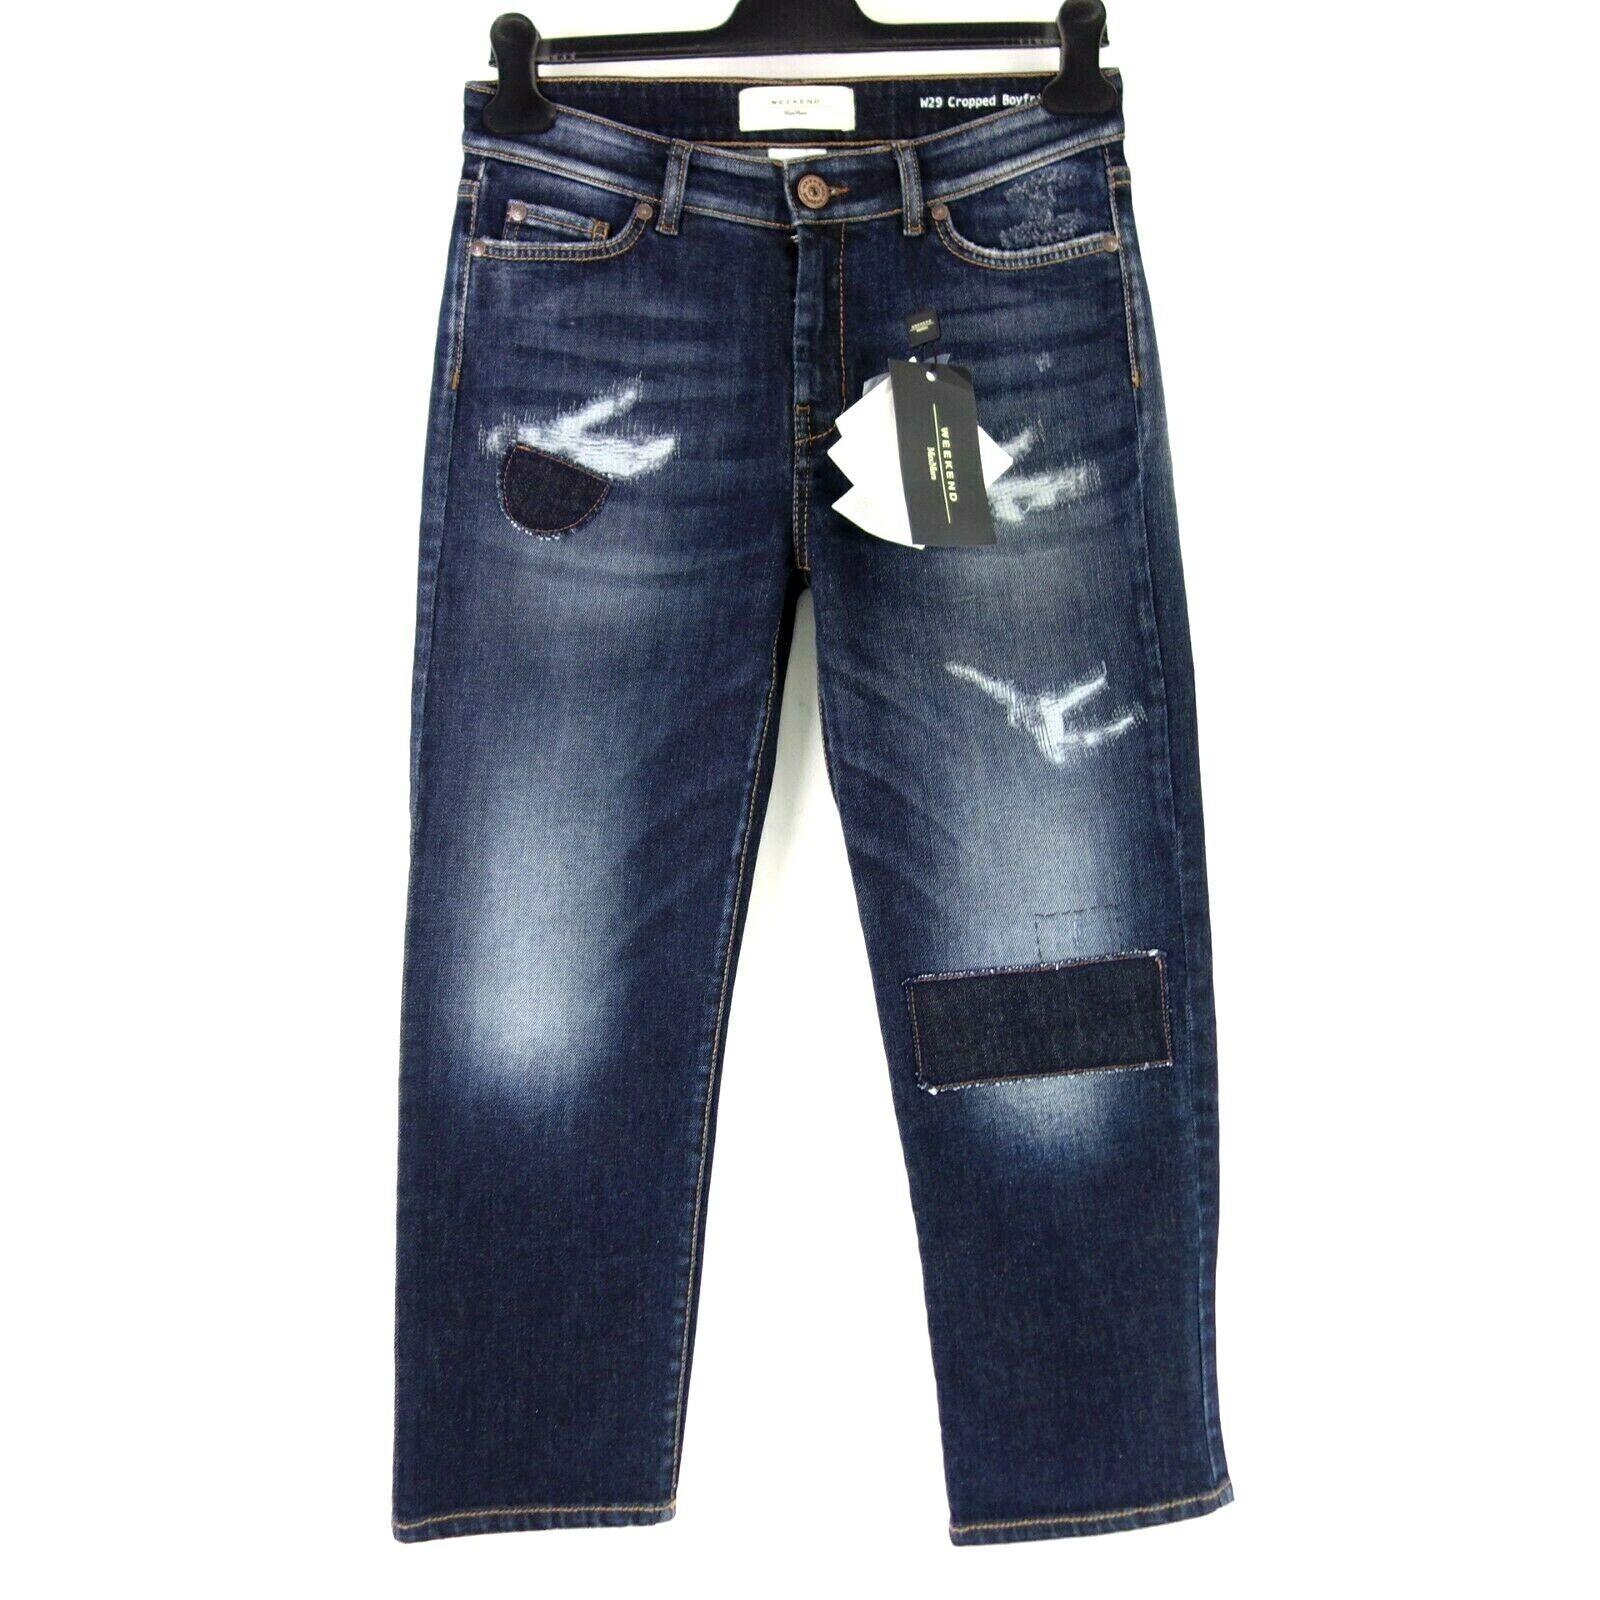 MAX MARA WEEKEND Damen Jeans Hose OSANNA 36 38 Blau Denim Boyfriend NP 169 NEU